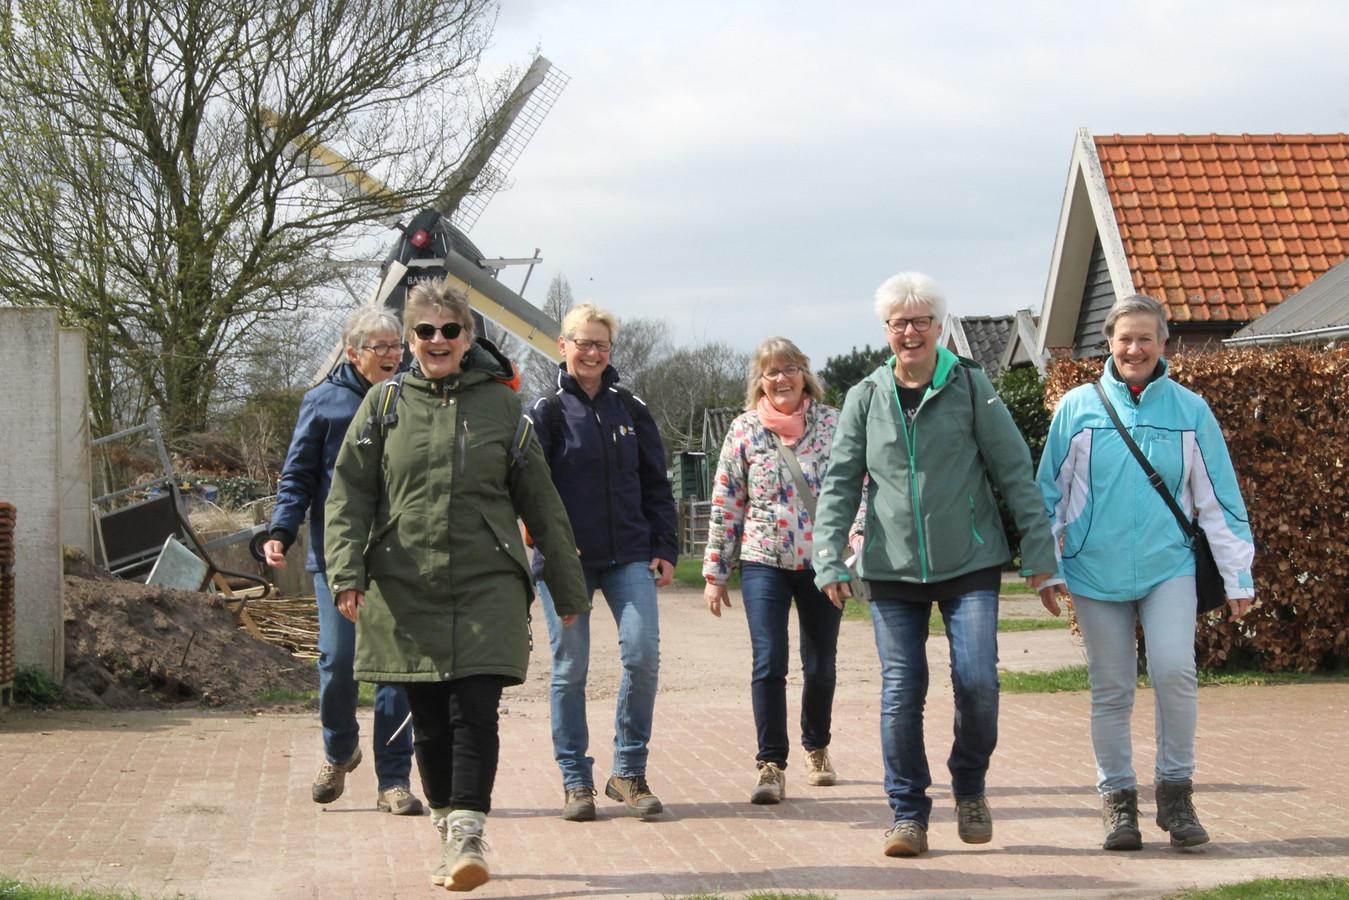 Deelnemers aan de Rode Kruis Wandeltocht in Winterswijk vorig jaar.